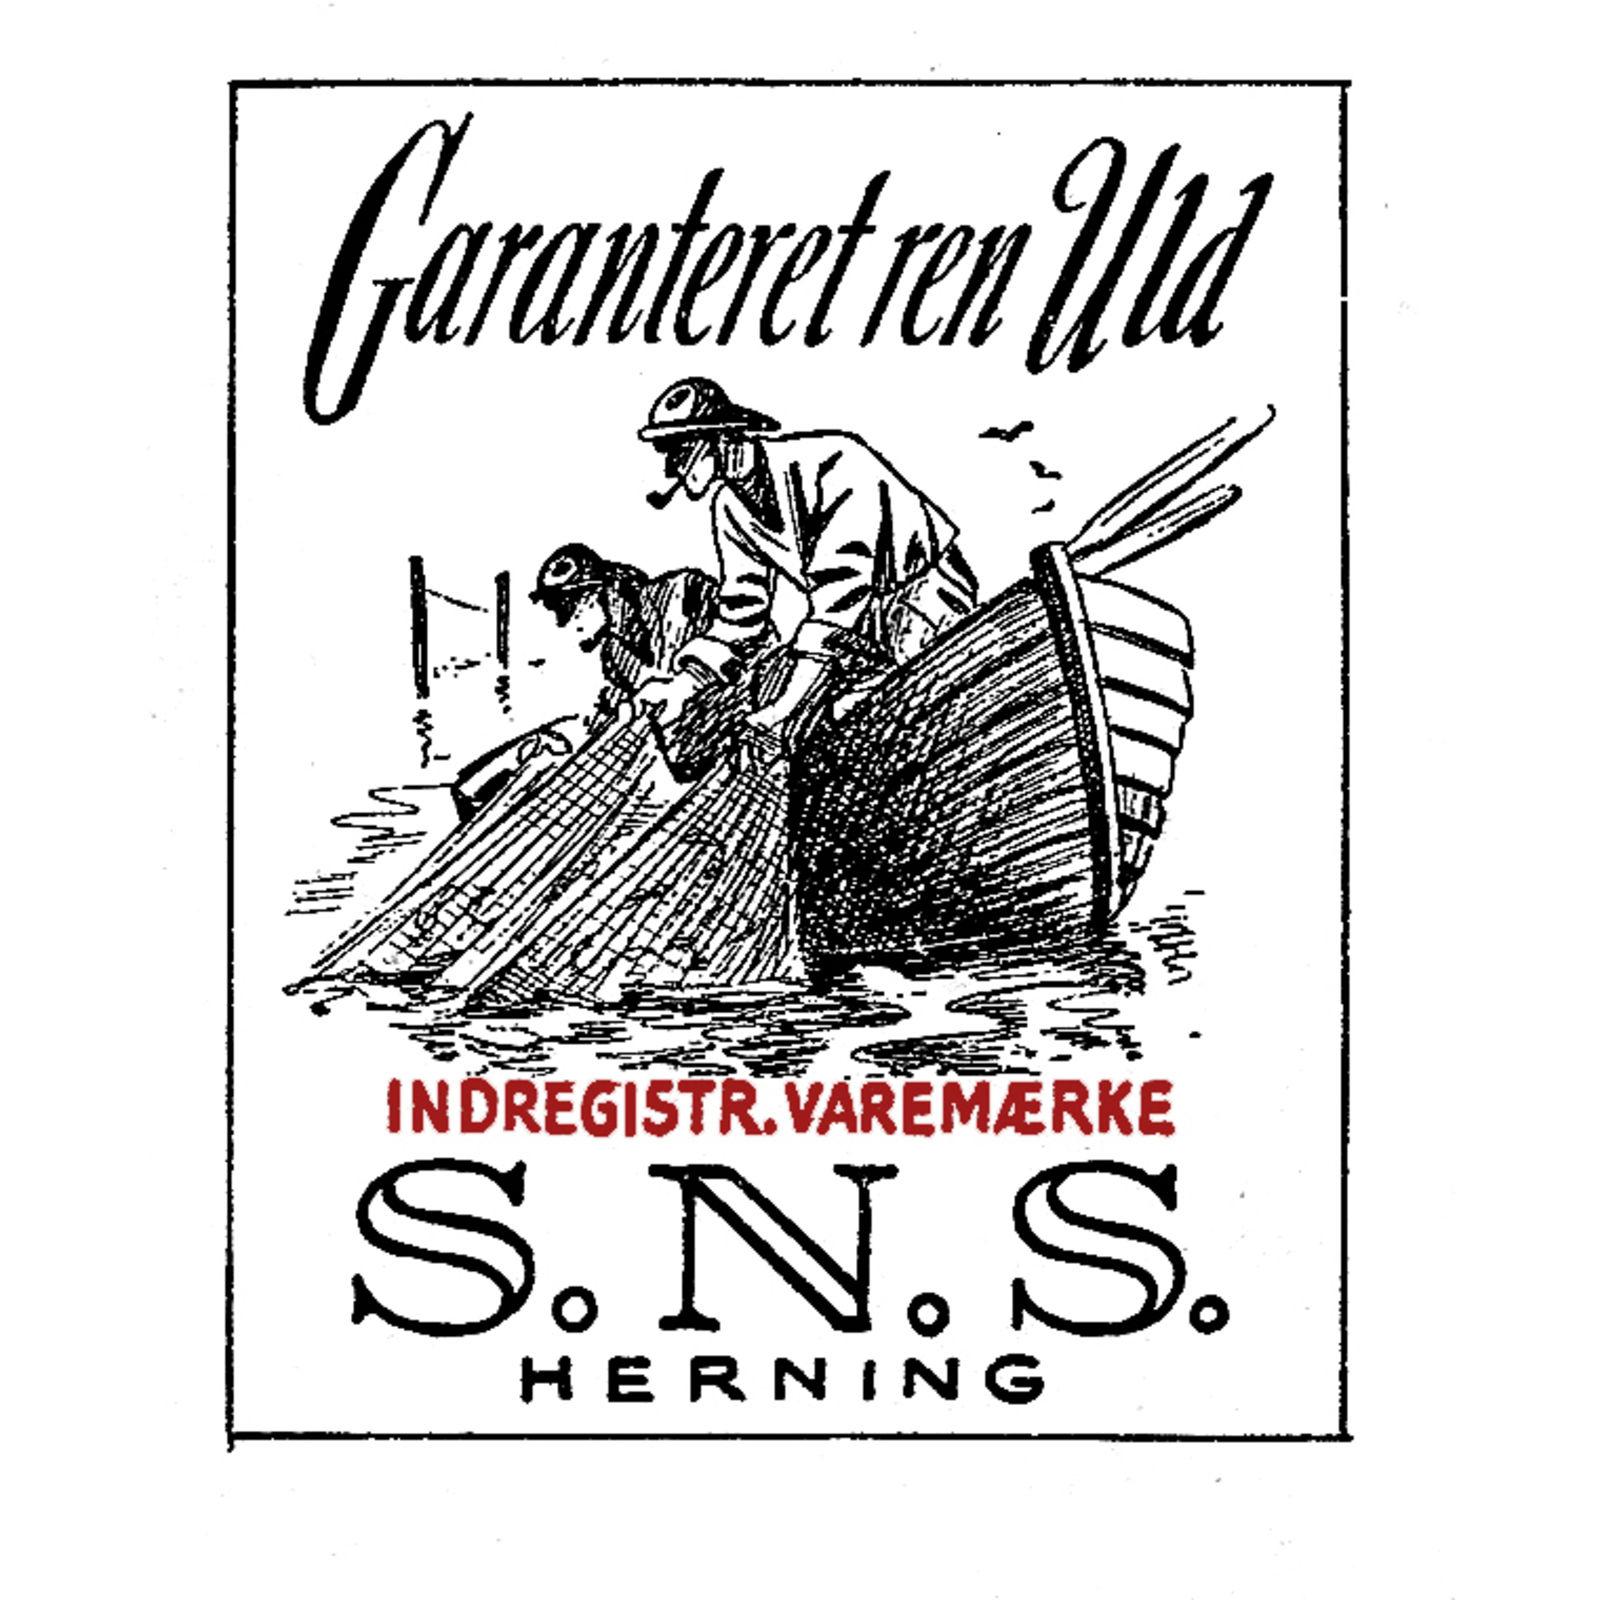 S.N.S. HERNING